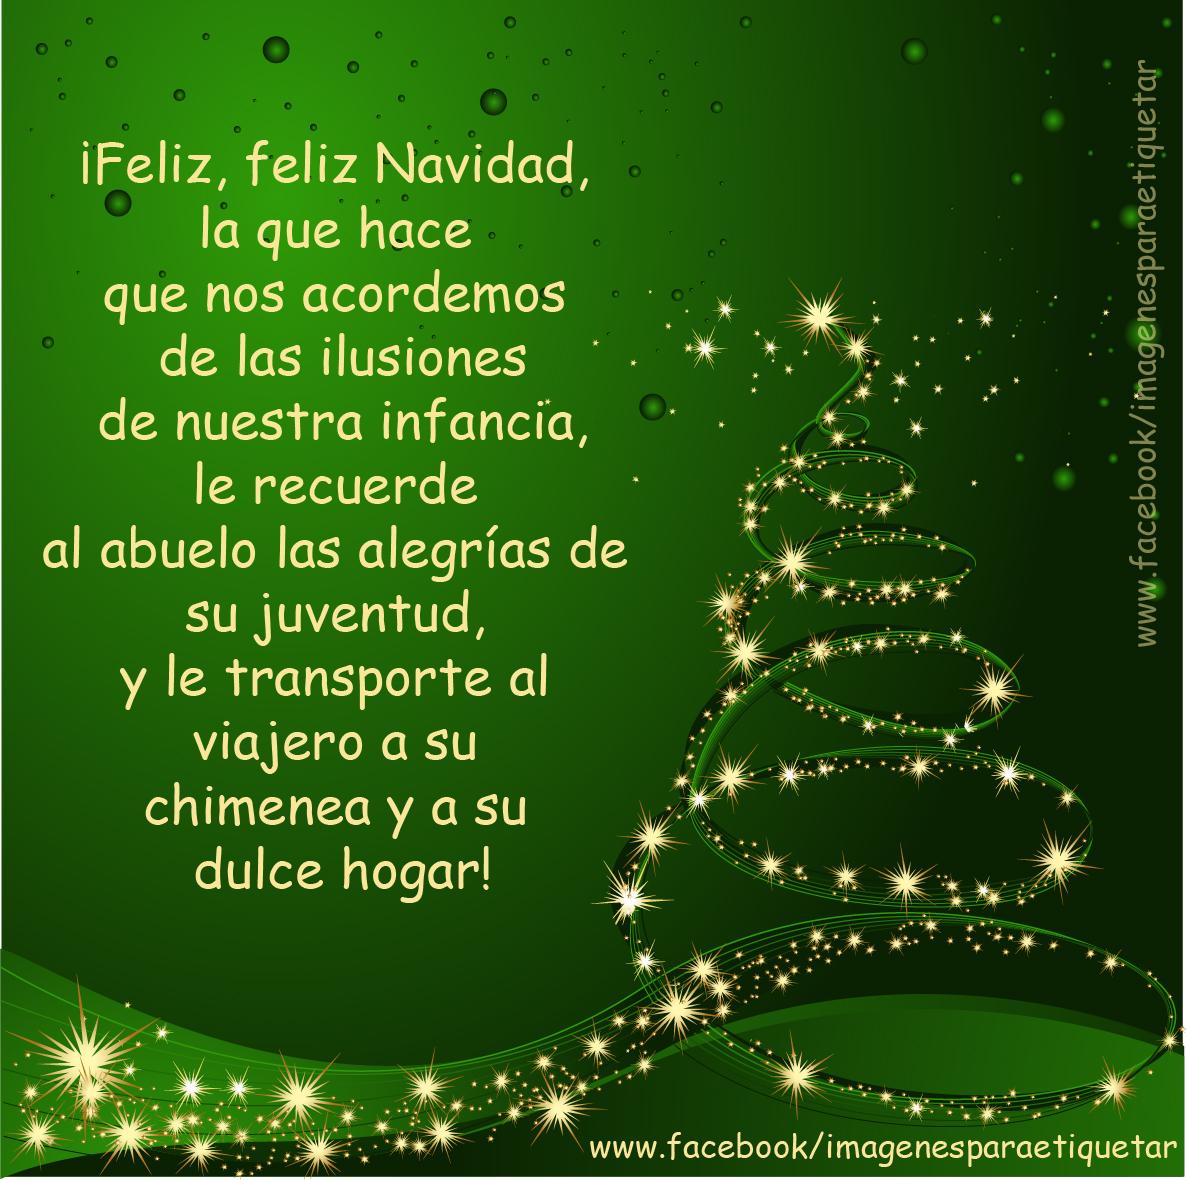 Frases con imagenes graciosas de navidad - Frases de navidad 2017 ...